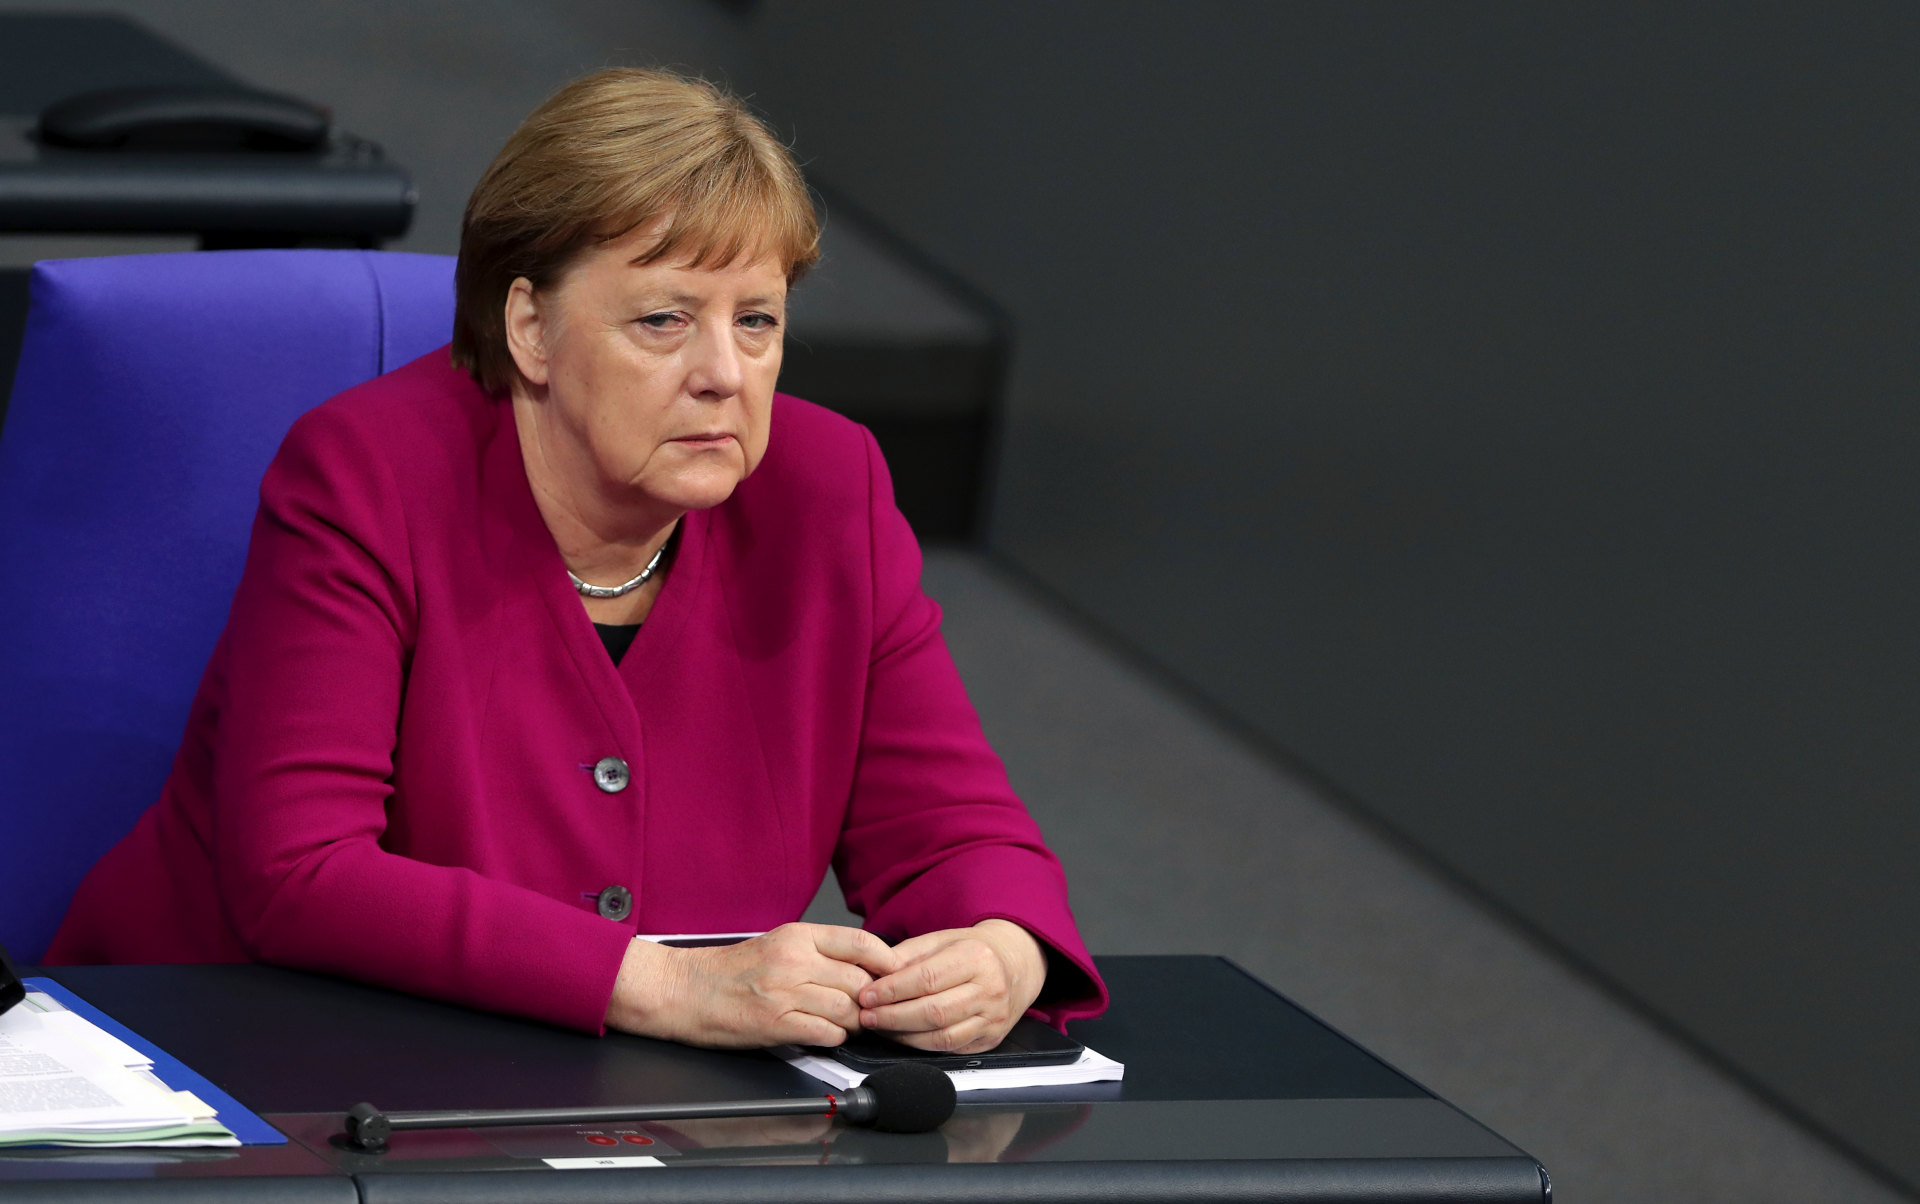 Angela Merkel Nude pin on breaking news